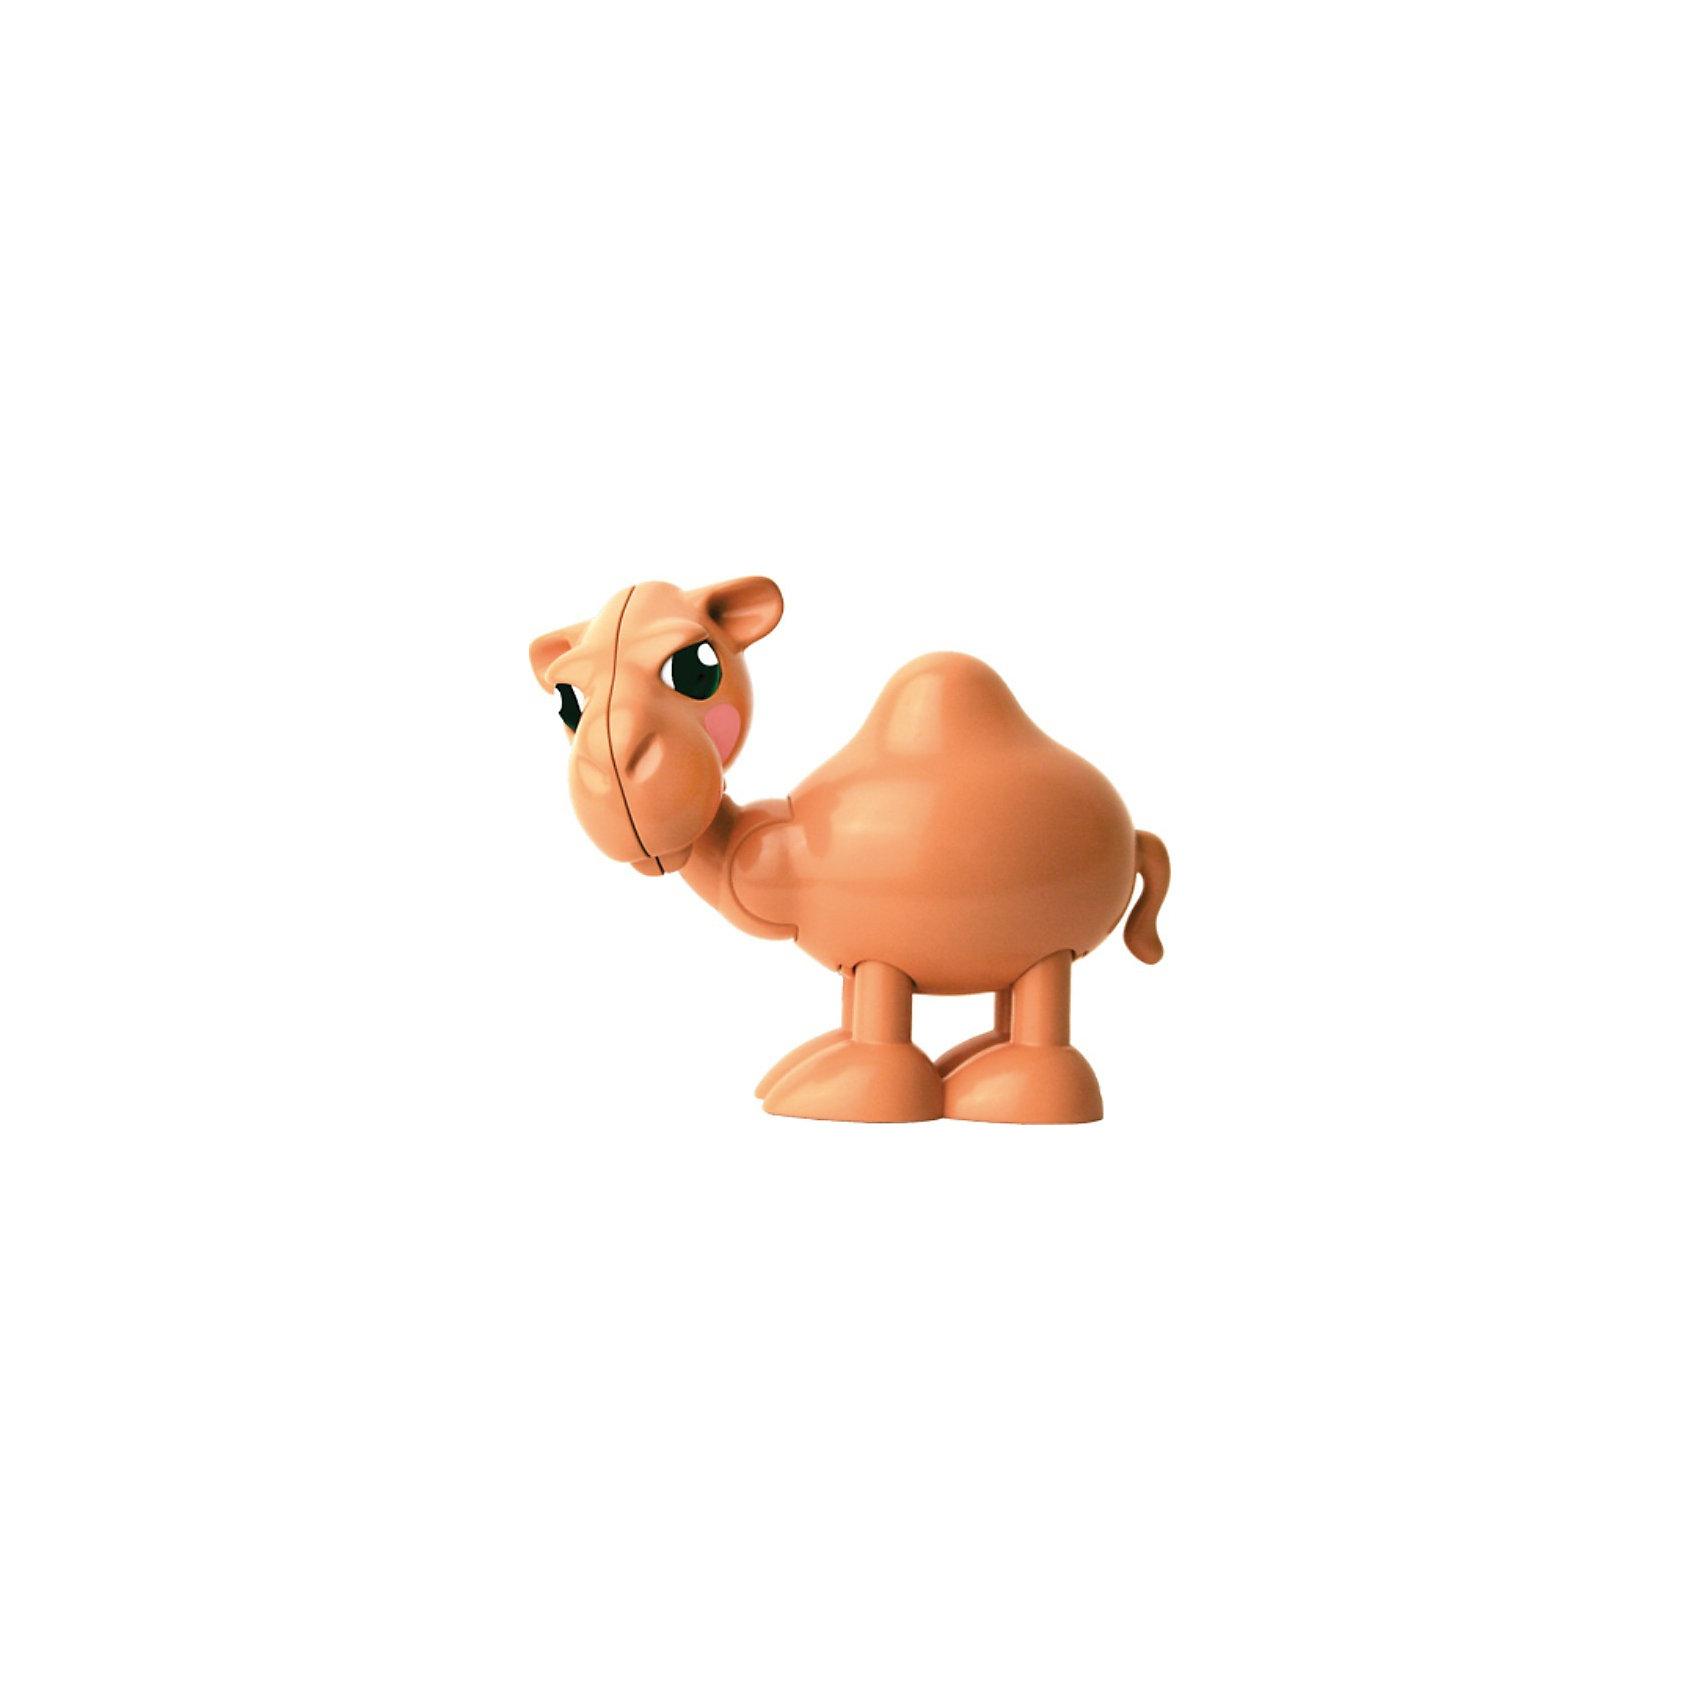 Фигурка Верблюд, Первые друзья, TOLOМир животных<br>Фигурка Верблюд, Первые друзья, TOLO (ТОЛО) – это забавная фигурка, которая составит малышам компанию в познании окружающего мира.<br>С фигуркой Верблюд английского бренда Tolo игры вашего ребенка будут красочнее и интереснее. Голова и хвостик у верблюжонка вращаются в разные стороны, при этом негромко потрескивая. Ноги двигаются. А в задних лапах спрятана забавная пищалка. Фигурка может принимать различные позы. Игрушка способствует развитию фантазии и воображения, помогает формировать первые навыки сюжетно-ролевой игры, знакомит ребенка с животными. <br>Игрушки Толо производятся из пластика самого высокого качества и гипоаллергенных красителей. Они абсолютно безопасны для малышей, не бьются, не ломаются, крепкие и прочные.<br><br>Дополнительная информация:<br><br>- Размер: 10 х 5 см.<br>- Материал: высококачественный пластик<br><br>Фигурка Верблюд, Первые друзья, TOLO (ТОЛО) - обязательно понравится Вашему малышу.<br><br>Фигурку Верблюд, Первые друзья, TOLO (ТОЛО) можно купить в нашем интернет-магазине.<br><br>Ширина мм: 70<br>Глубина мм: 60<br>Высота мм: 110<br>Вес г: 77<br>Возраст от месяцев: 12<br>Возраст до месяцев: 60<br>Пол: Унисекс<br>Возраст: Детский<br>SKU: 3688993